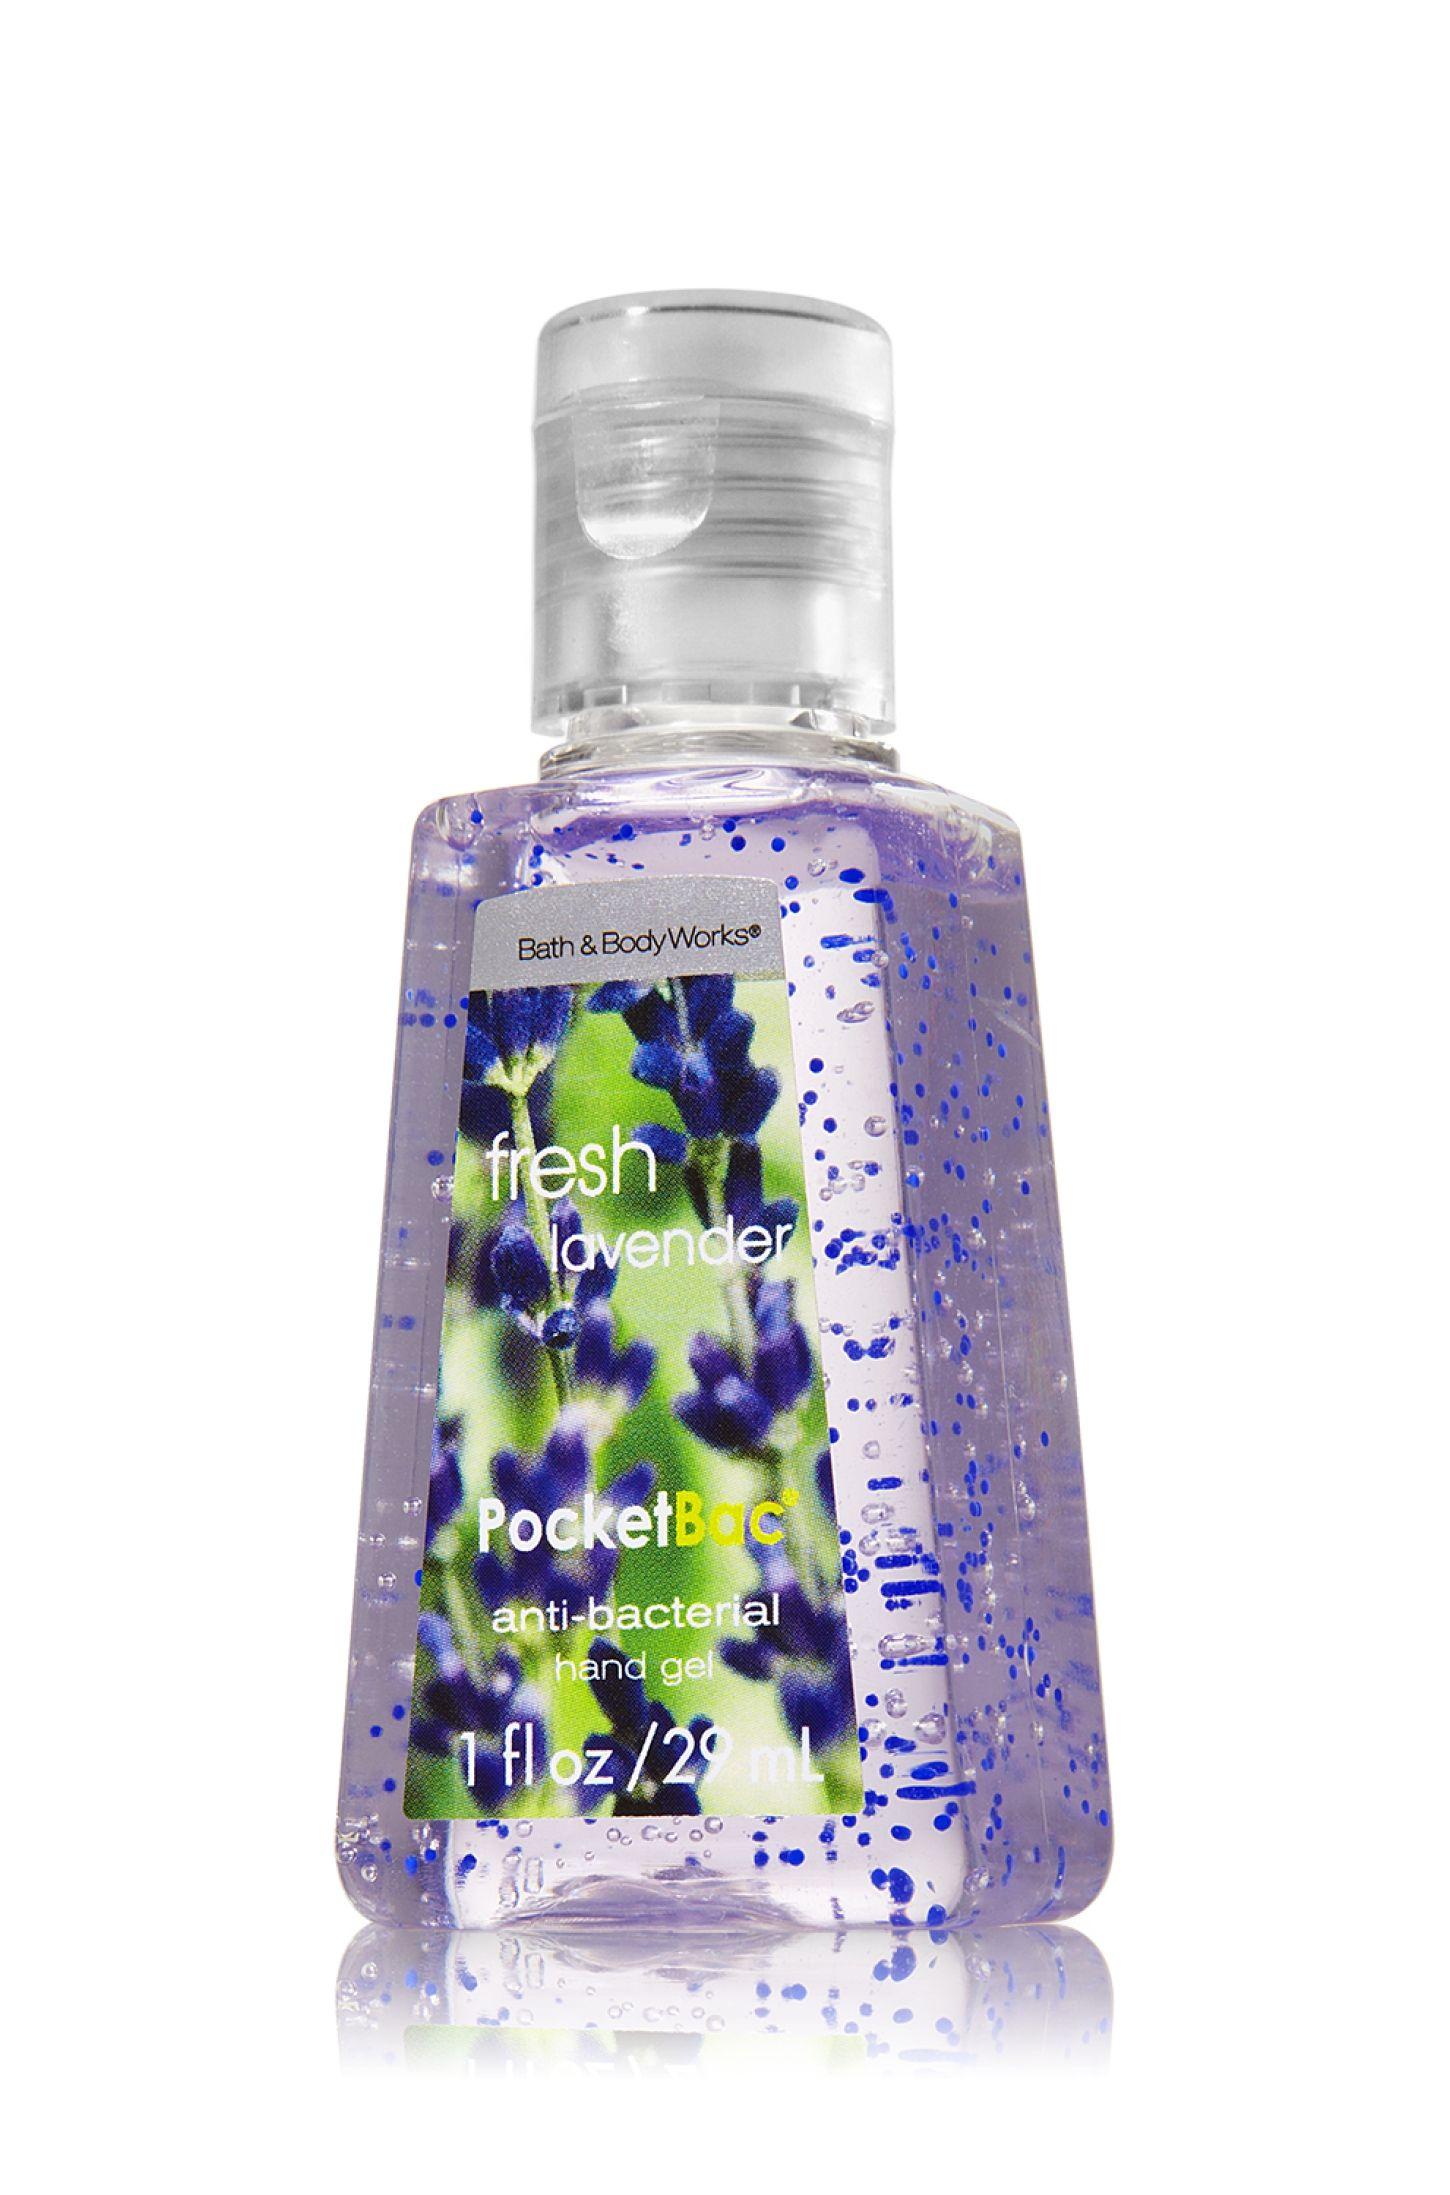 Bath And Body Works Pocketbac Fresh Lavender Bath Body Works